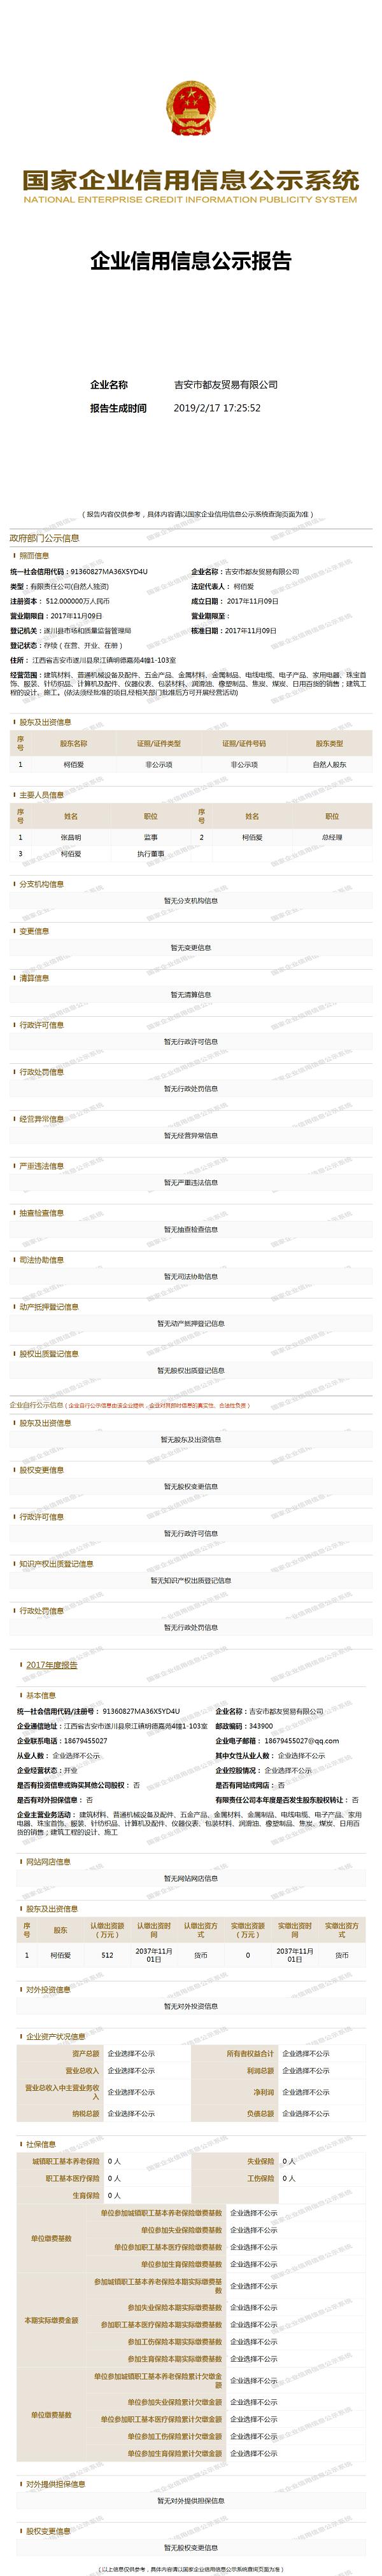 吉安市都友貿易有限公司 (1)